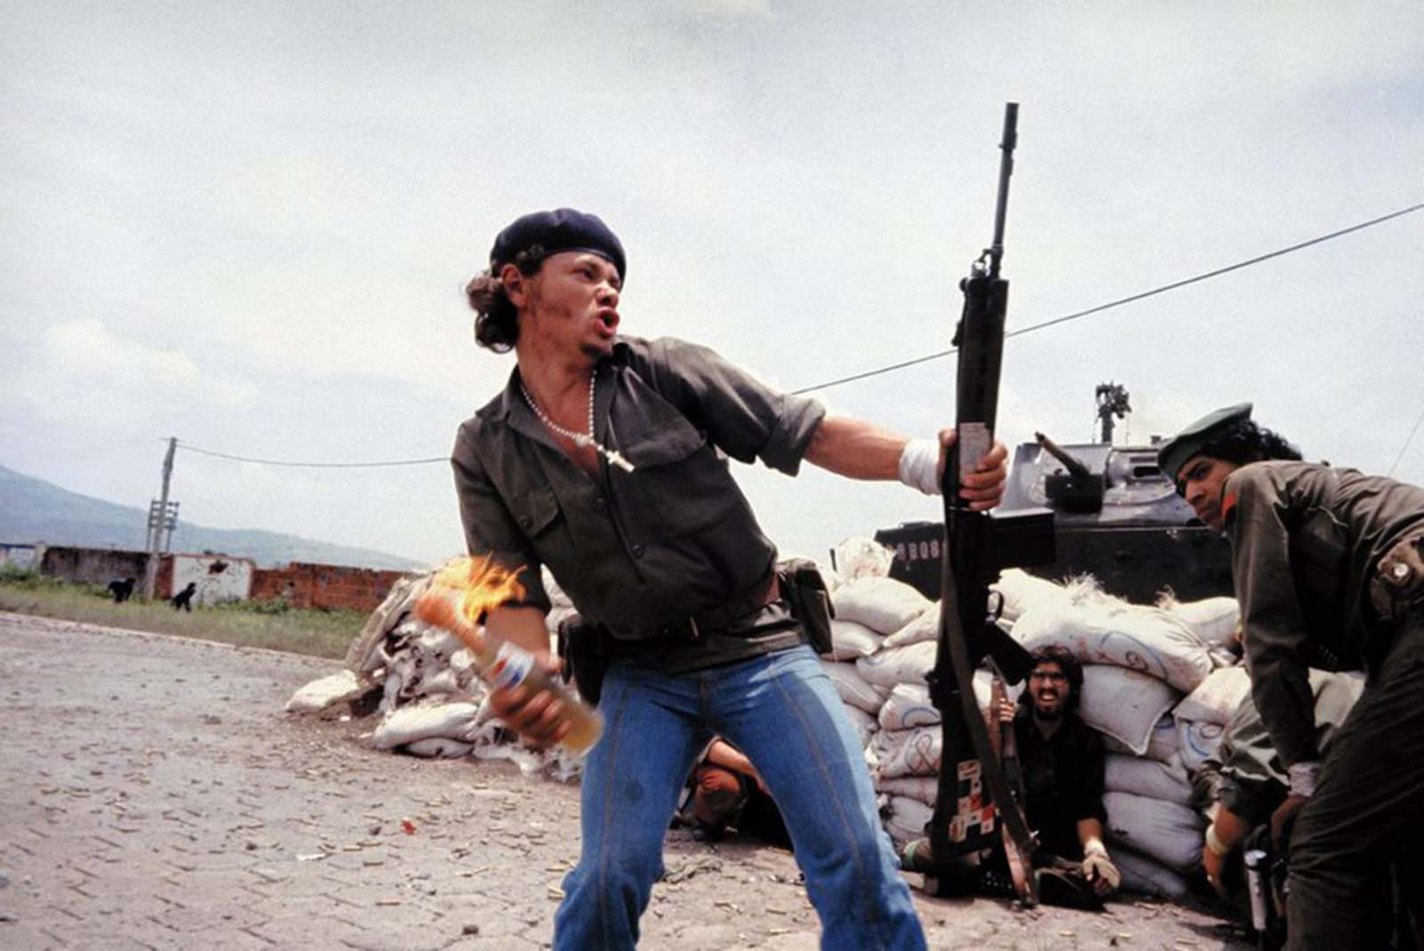 Molotov Man, Susan Meiselas, 1979